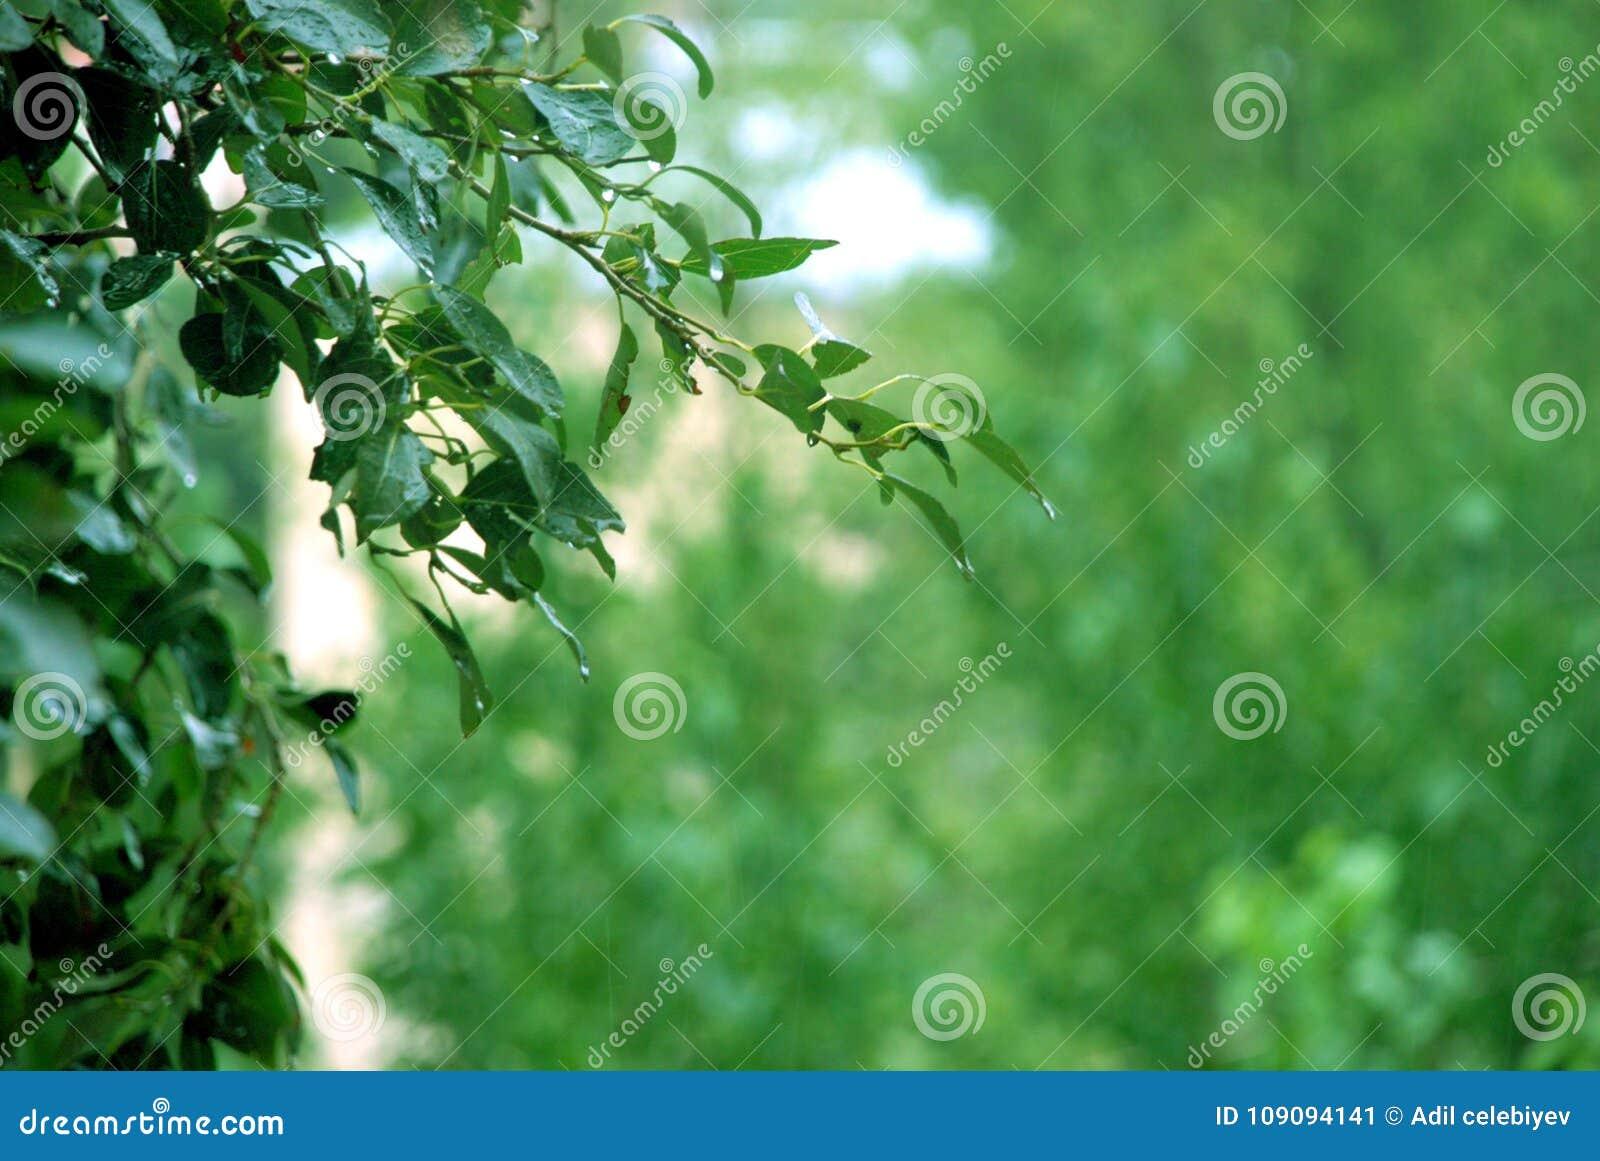 绿色背景 绿色迷离纹理和背景 一片绿色叶子的抽象背景纹理